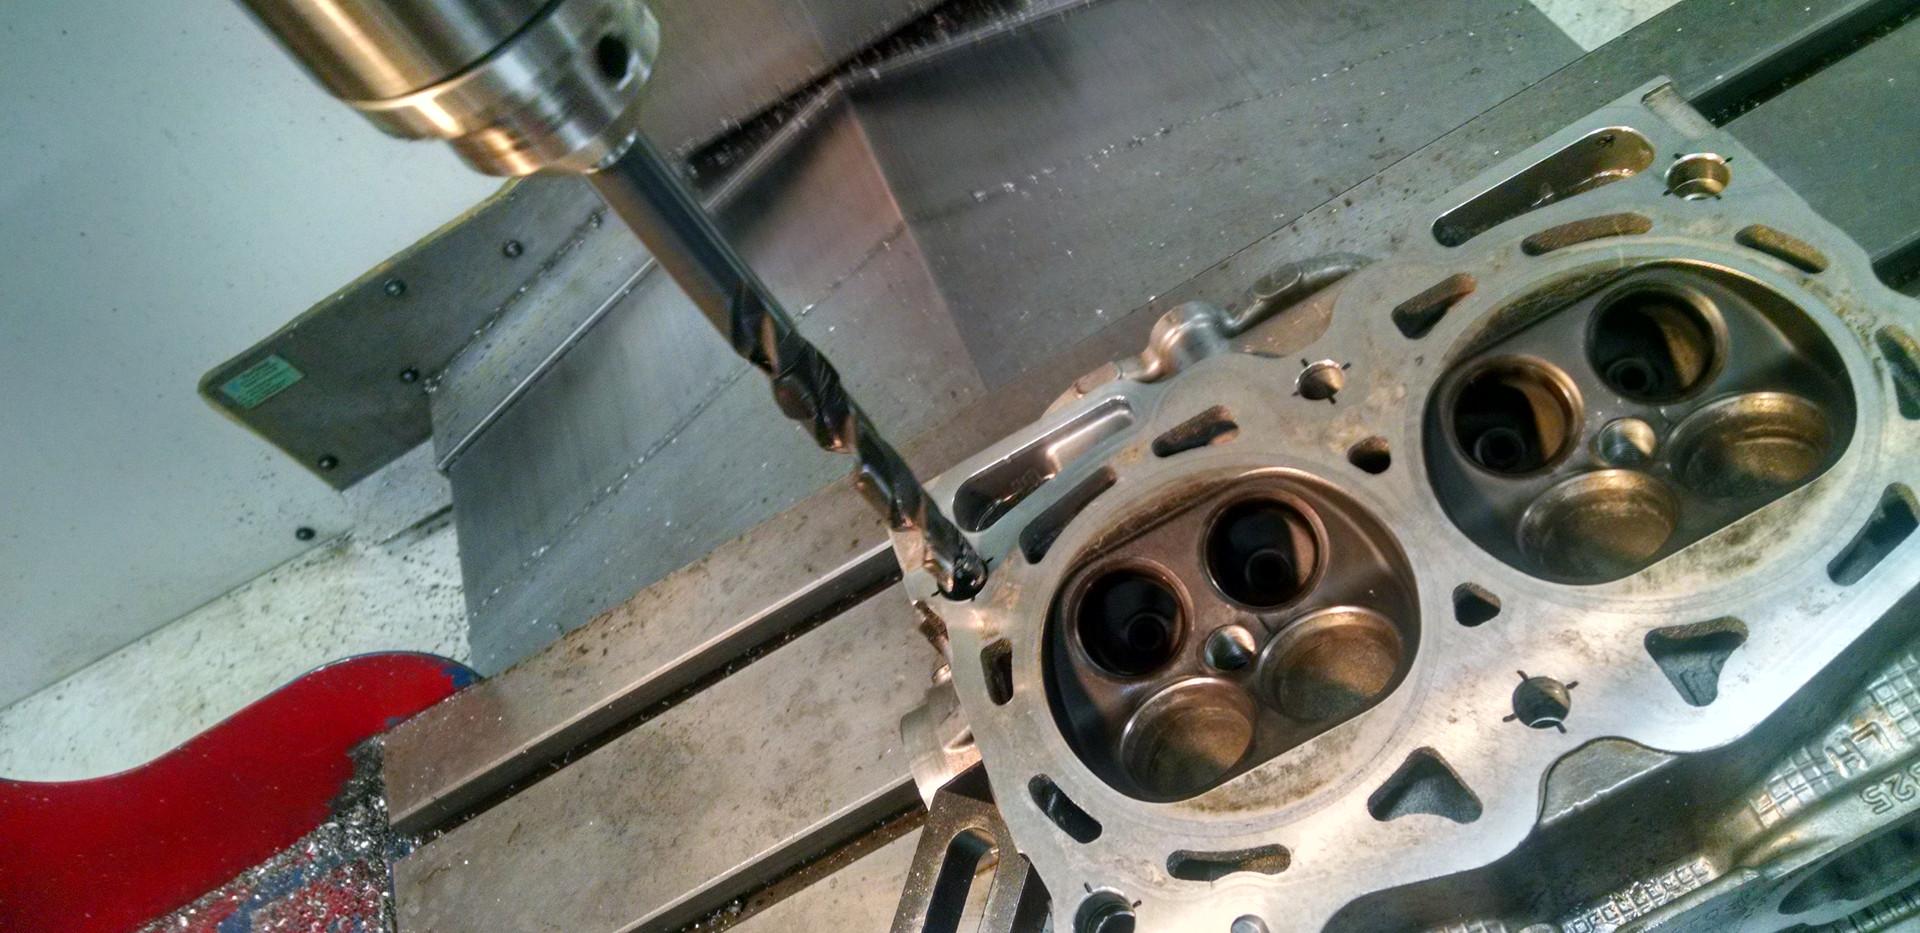 ej25 head cnc drill2.jpg